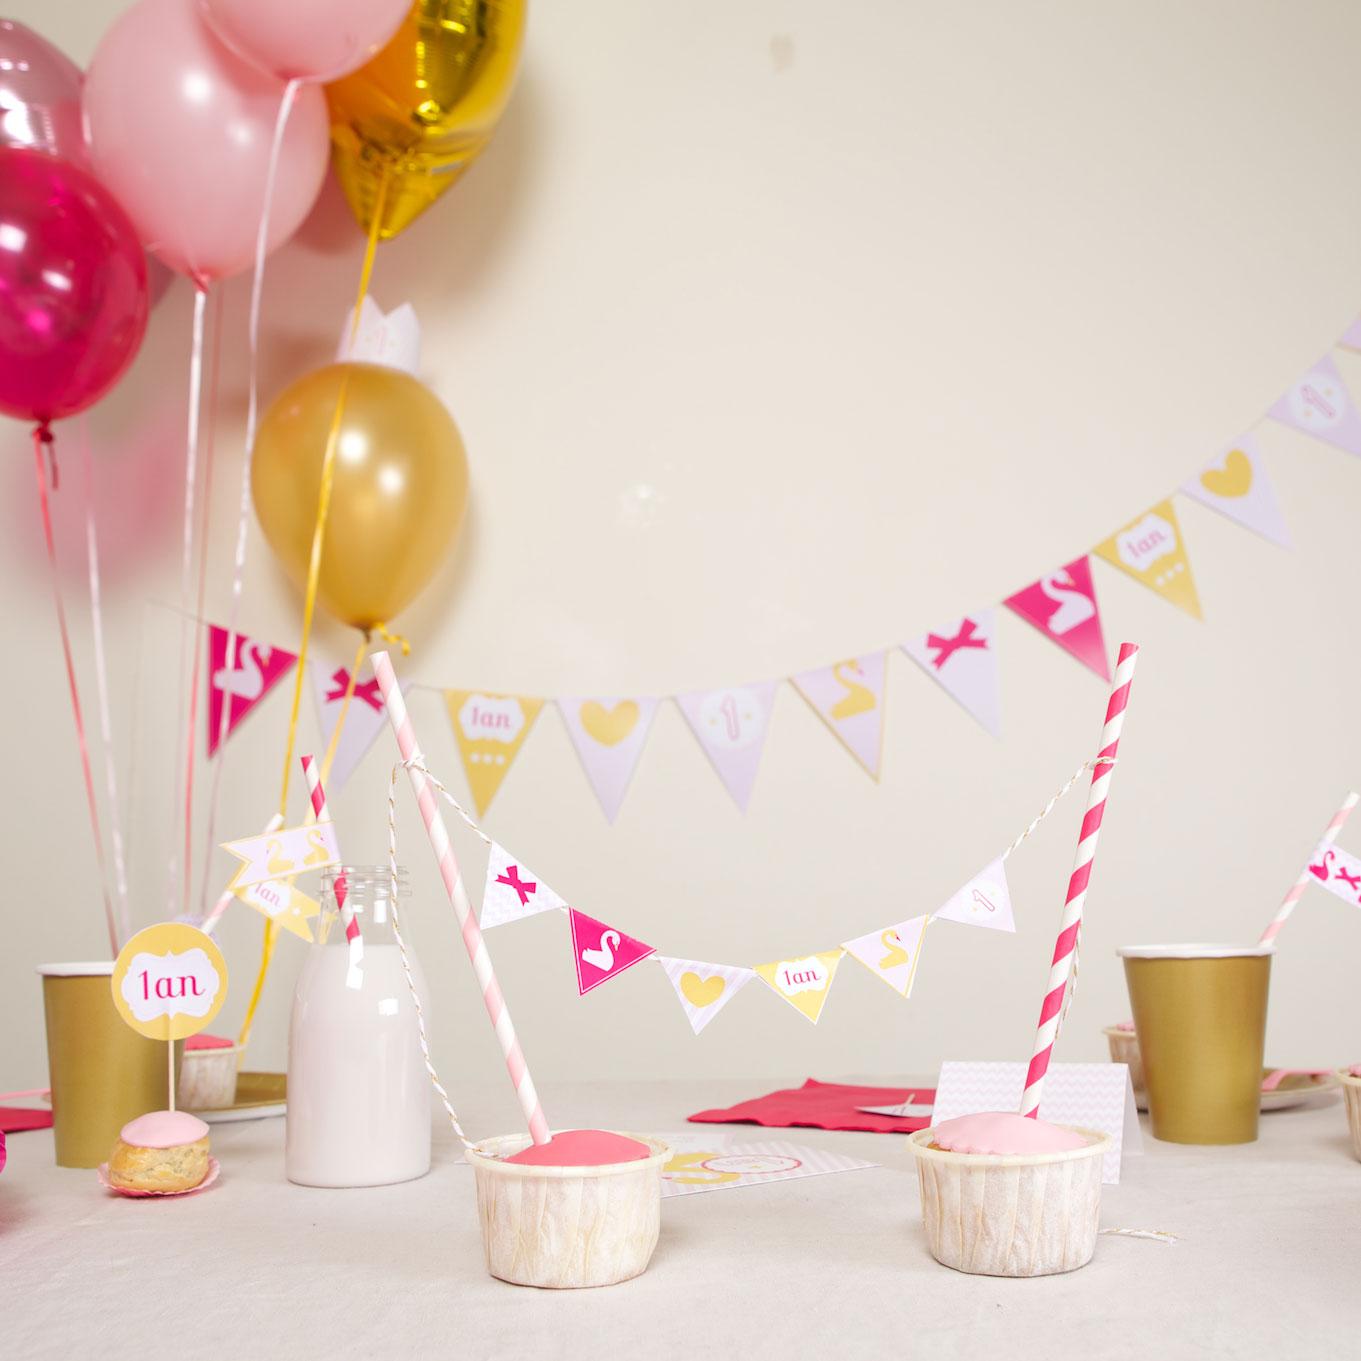 Оформление детского дня рождения гирляндой